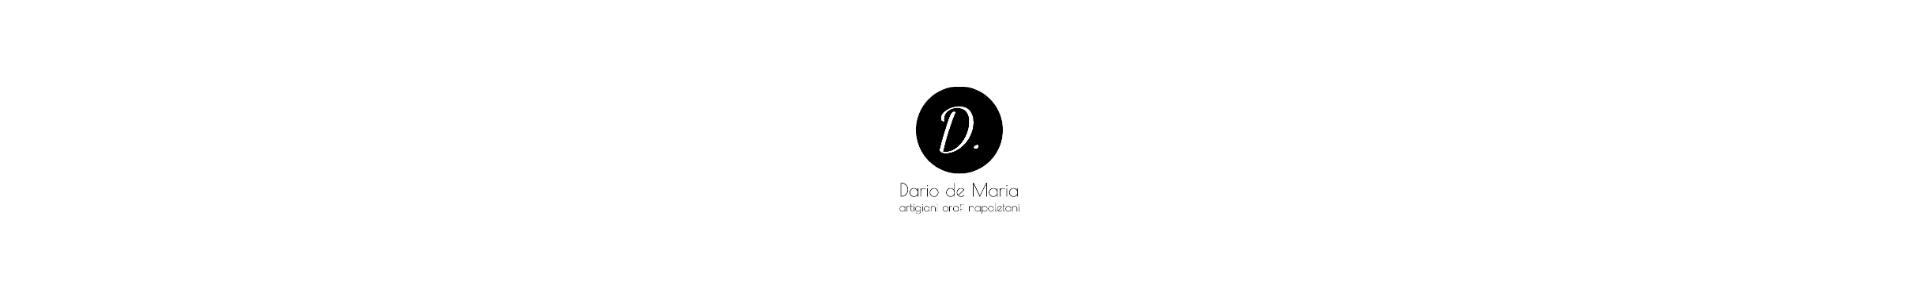 banner Dario de maria shop online code discount sale codice sconto